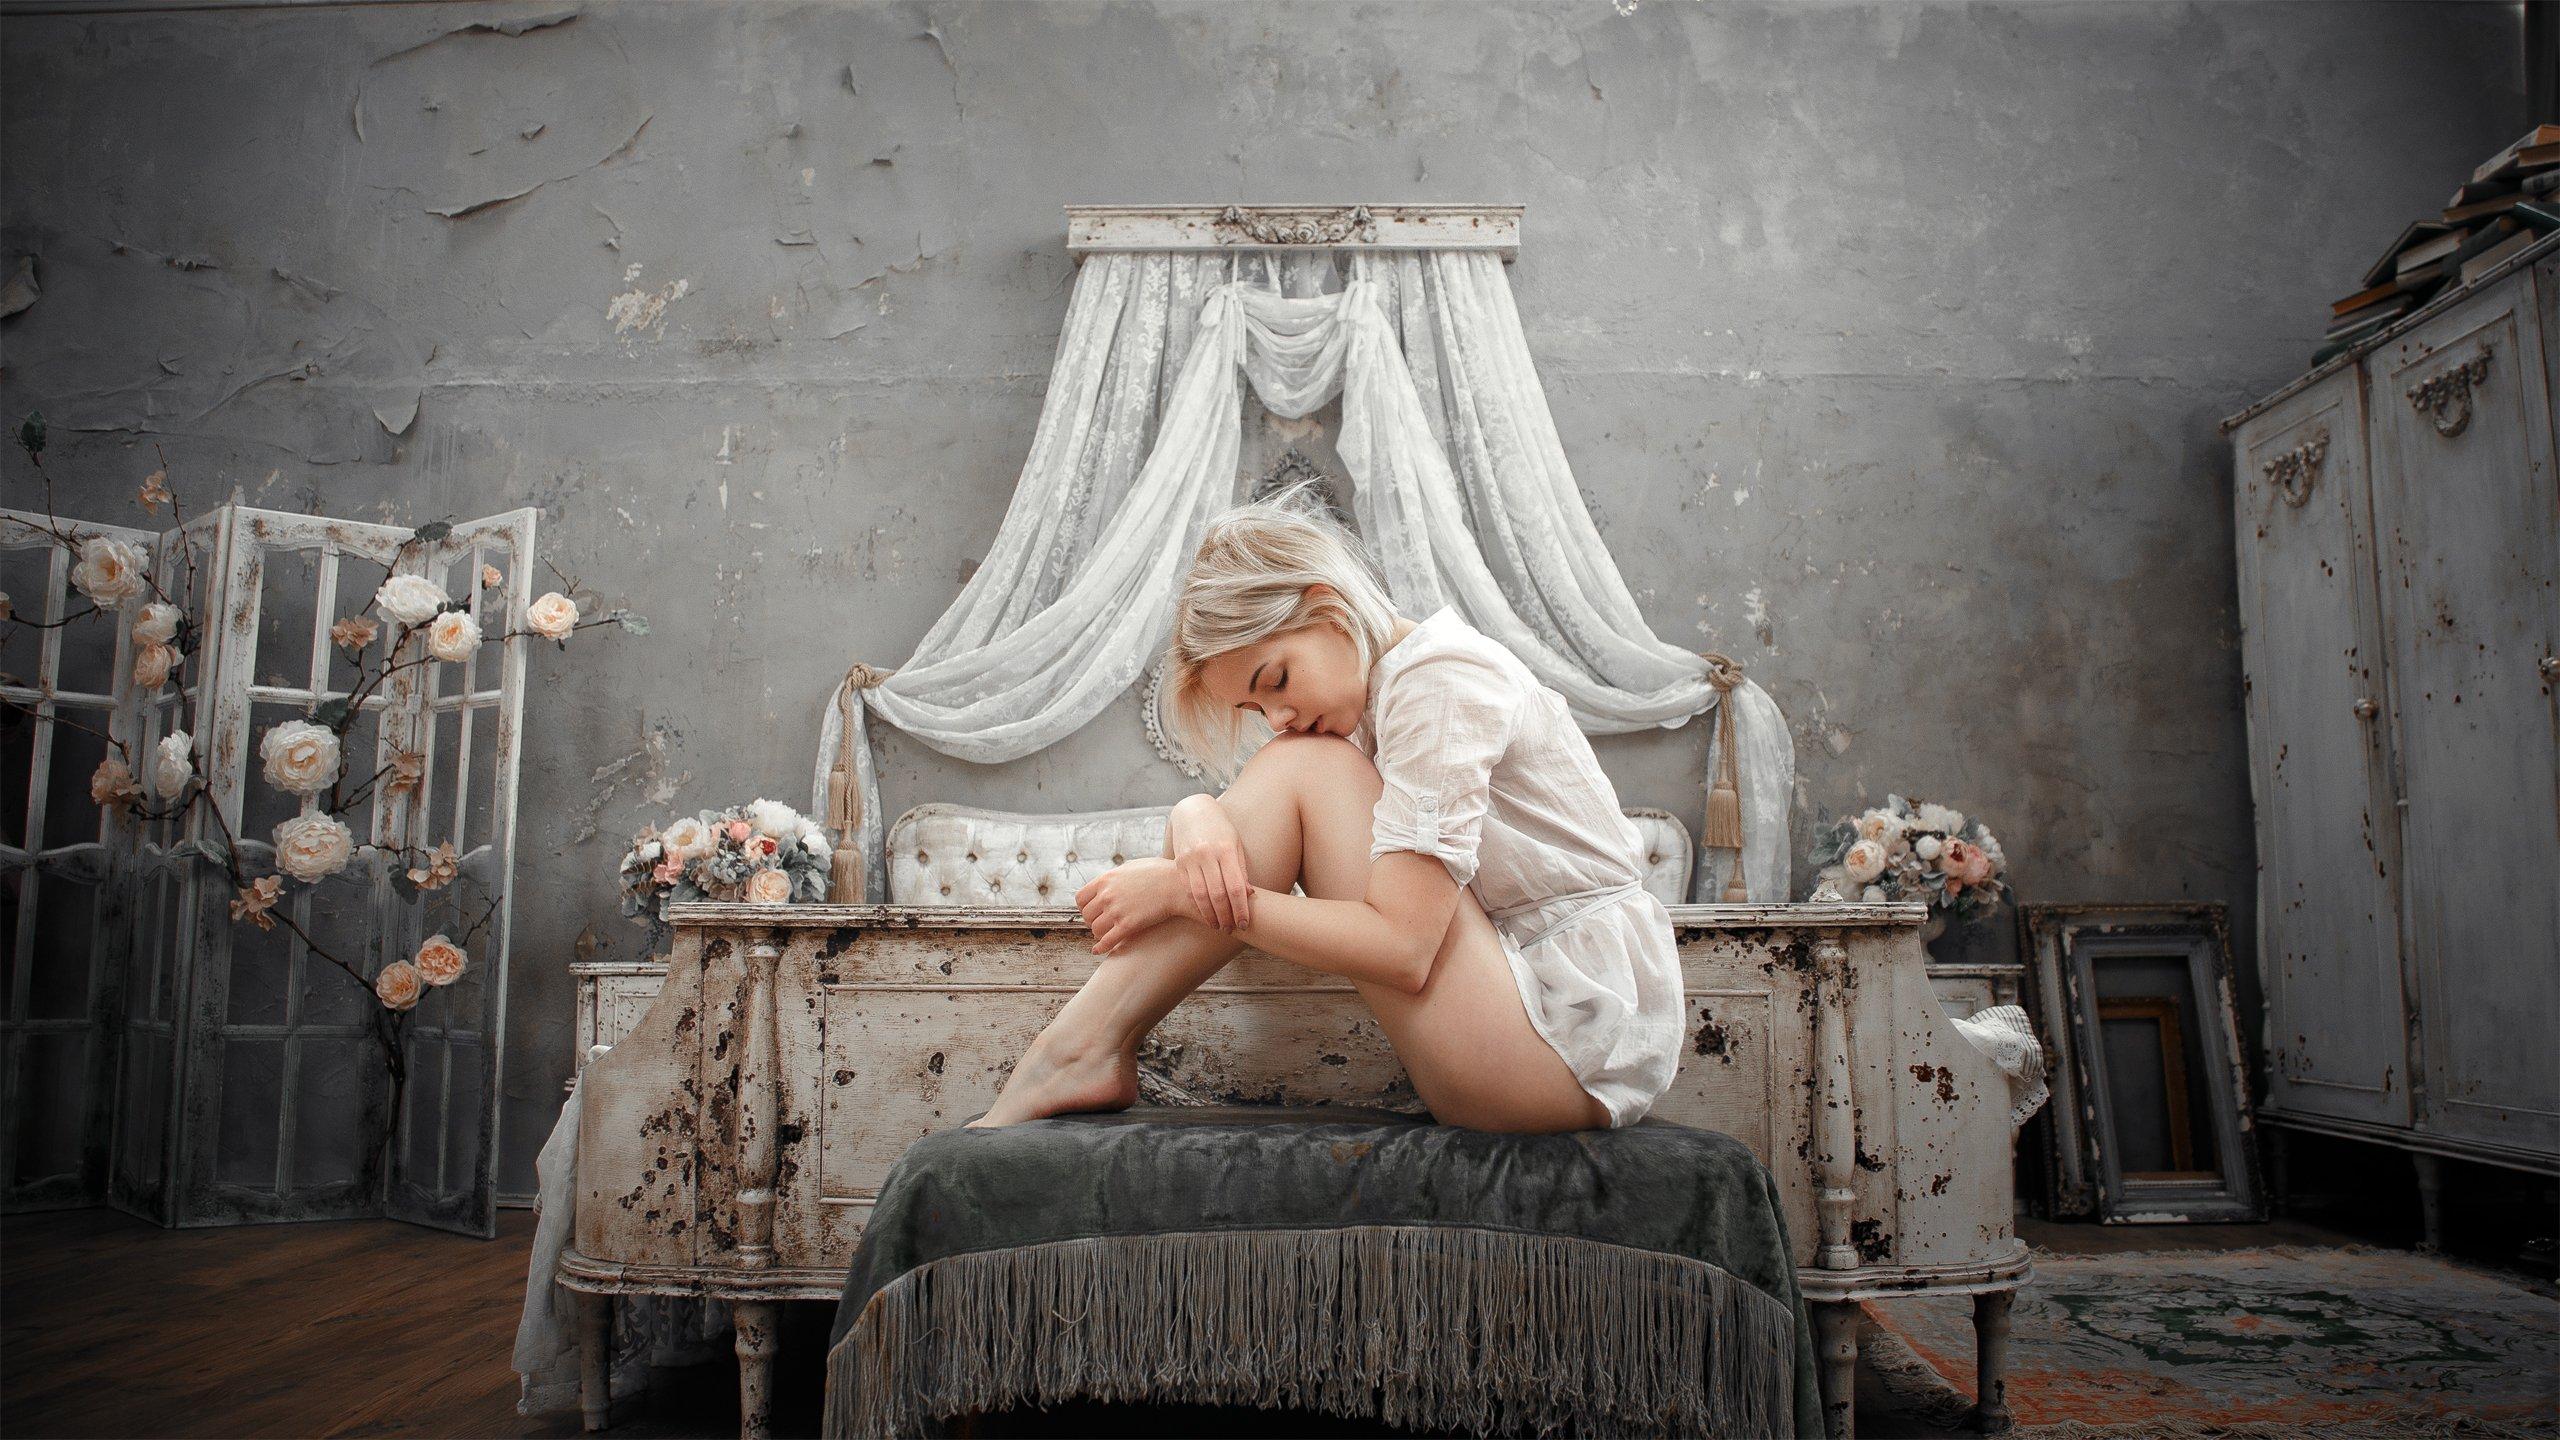 girl, model, portrait, bedroom, bed, light, silence, peace, blonde, retro, grunge, russia, девушка, модель, портрет, спальня, кровать, свет, тишина, покой, блондинка, ретро, грандж, россия, Васильев Андрей